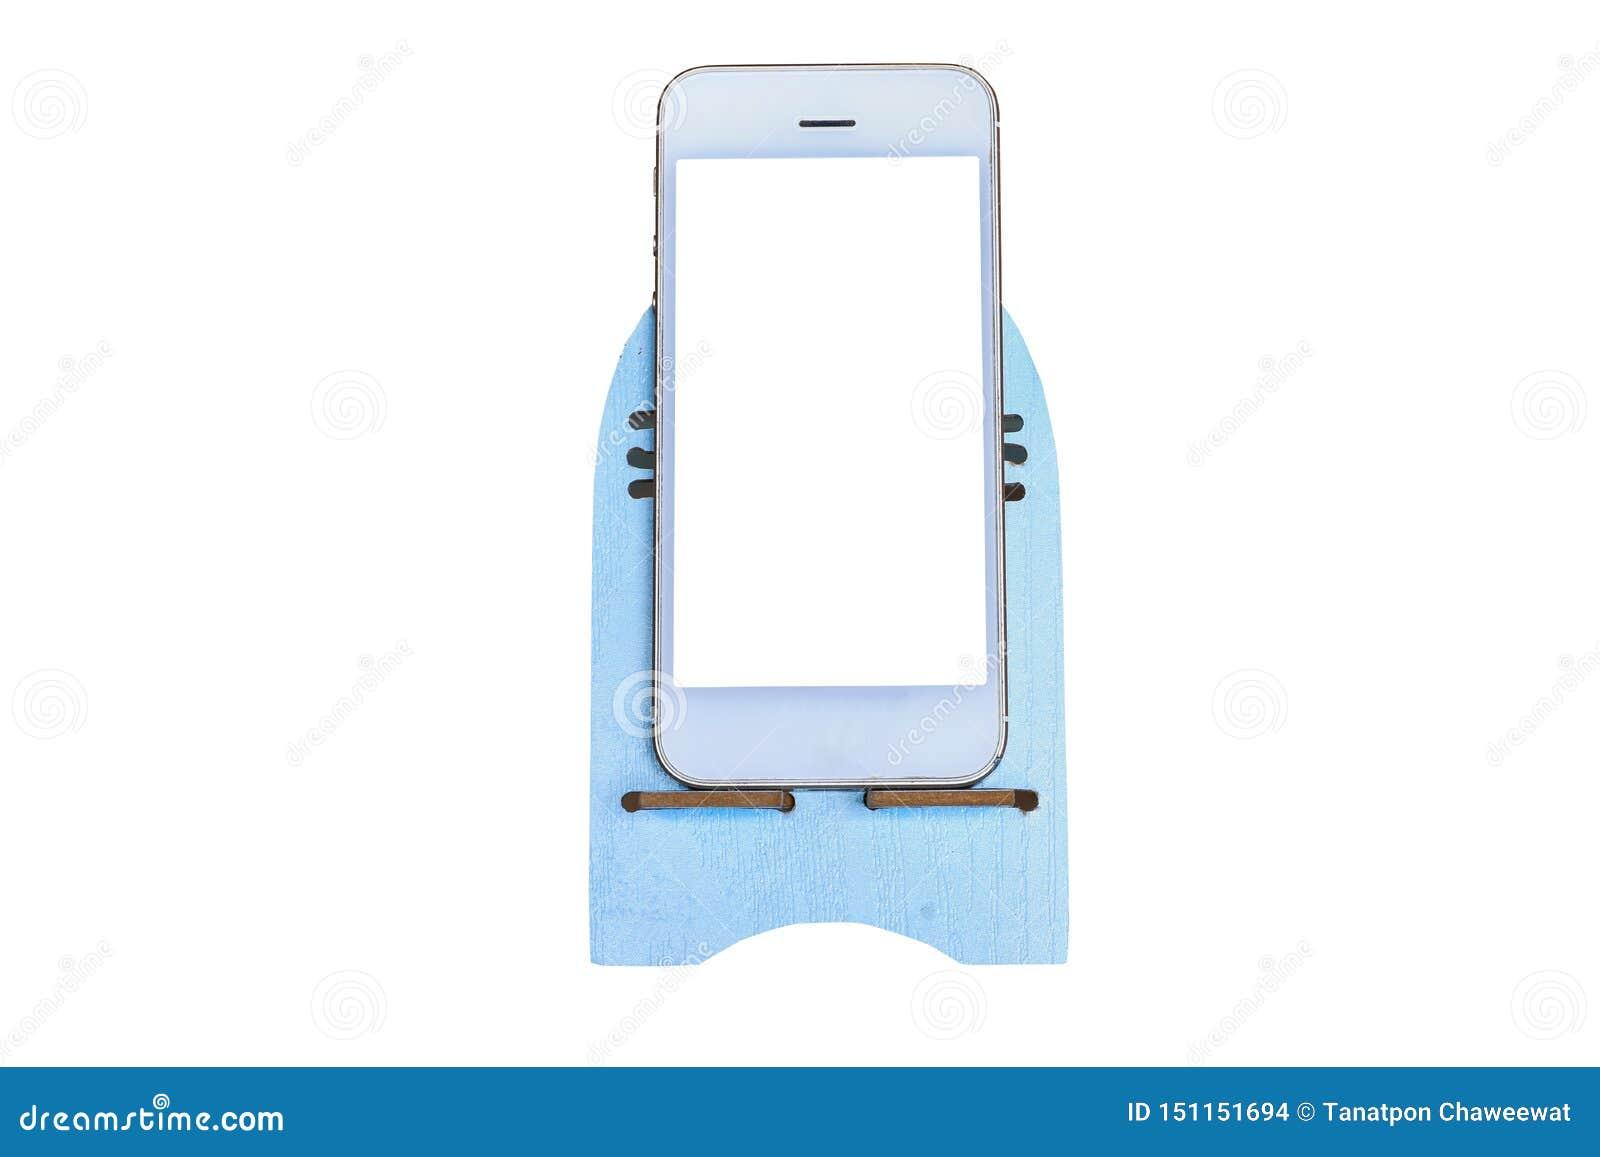 Vit smarthphone som isolerade på en vit bakgrund